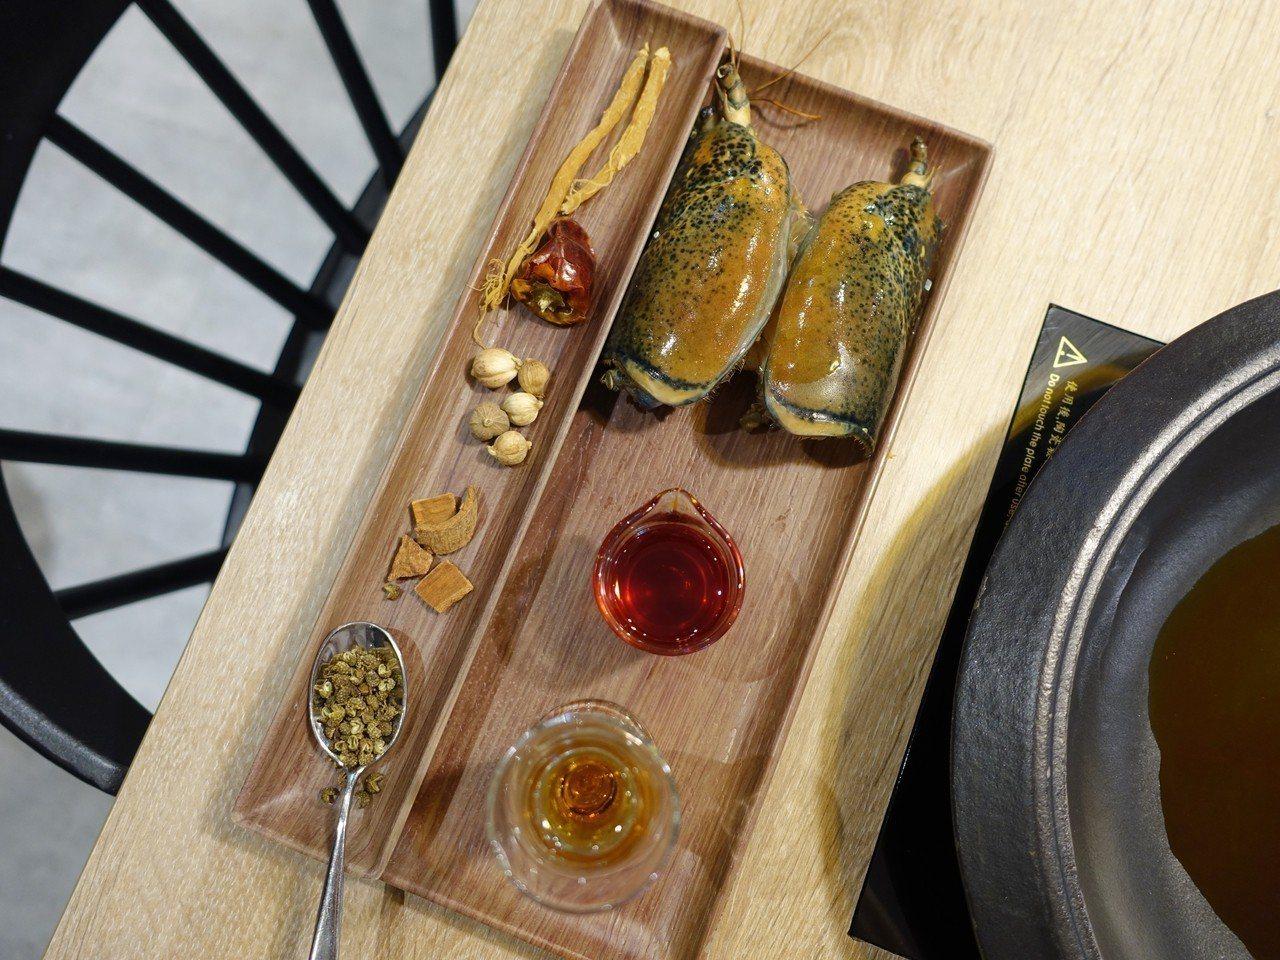 「麻辣龍蝦湯頭」增加了含有海鮮味的辣油與辛香料、中藥材。記者張芳瑜/攝影